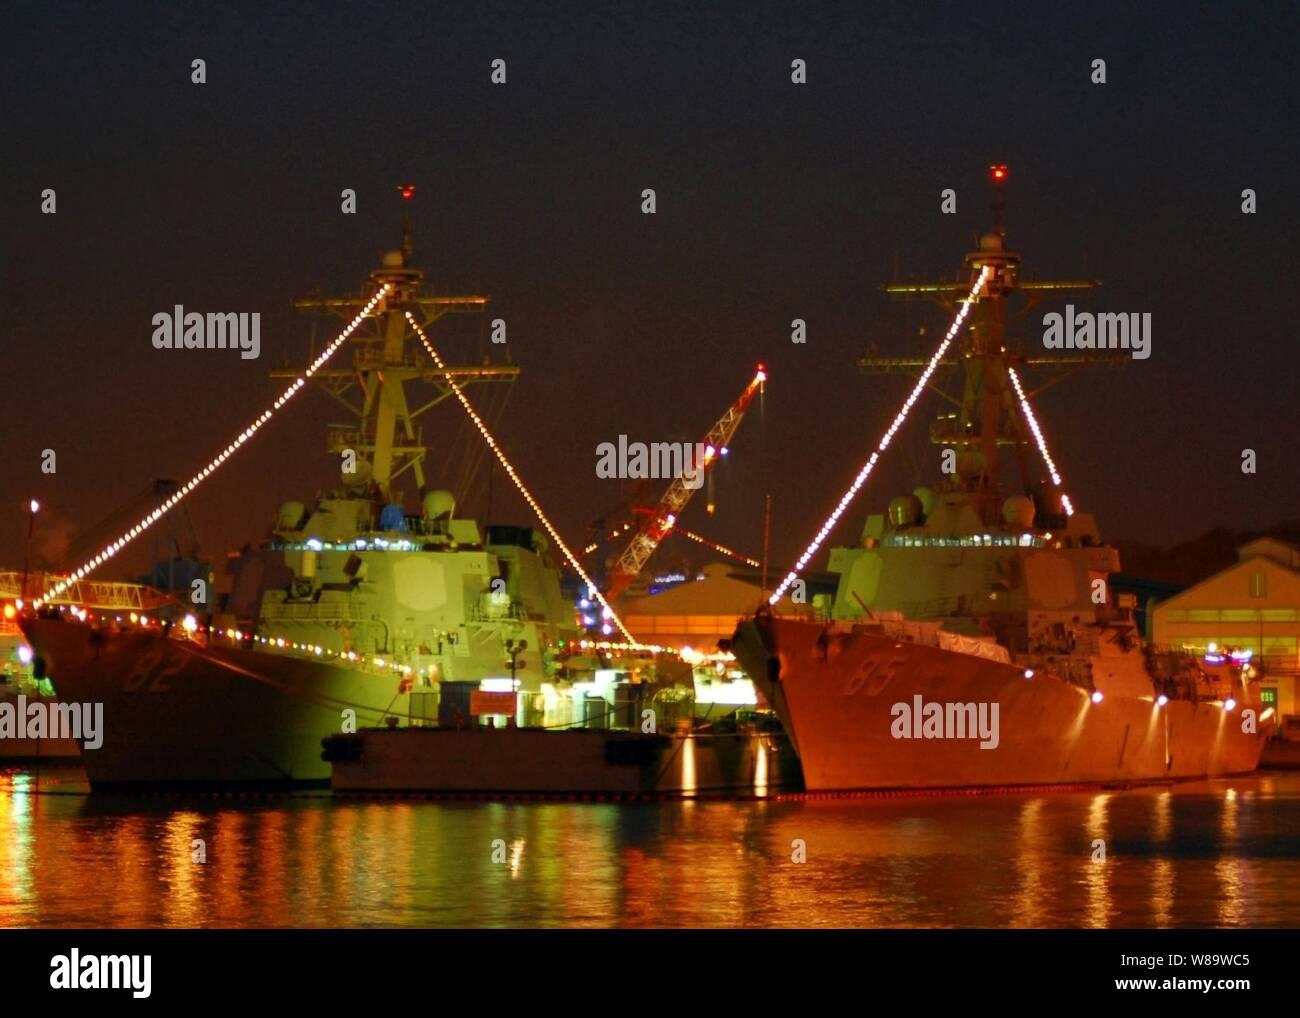 Holiday Lights iluminar los destructores de misiles guiados USS Lassen (DDG 82) y USS McCampbell (DDG 85) en actividades de la flota de Yokosuka, Japón, en diciembre 18, 2007. Cada buque basada en Yokosuka de las fuerzas navales desplegadas está decorado con luces de vacaciones para celebrar la Navidad. Foto de stock